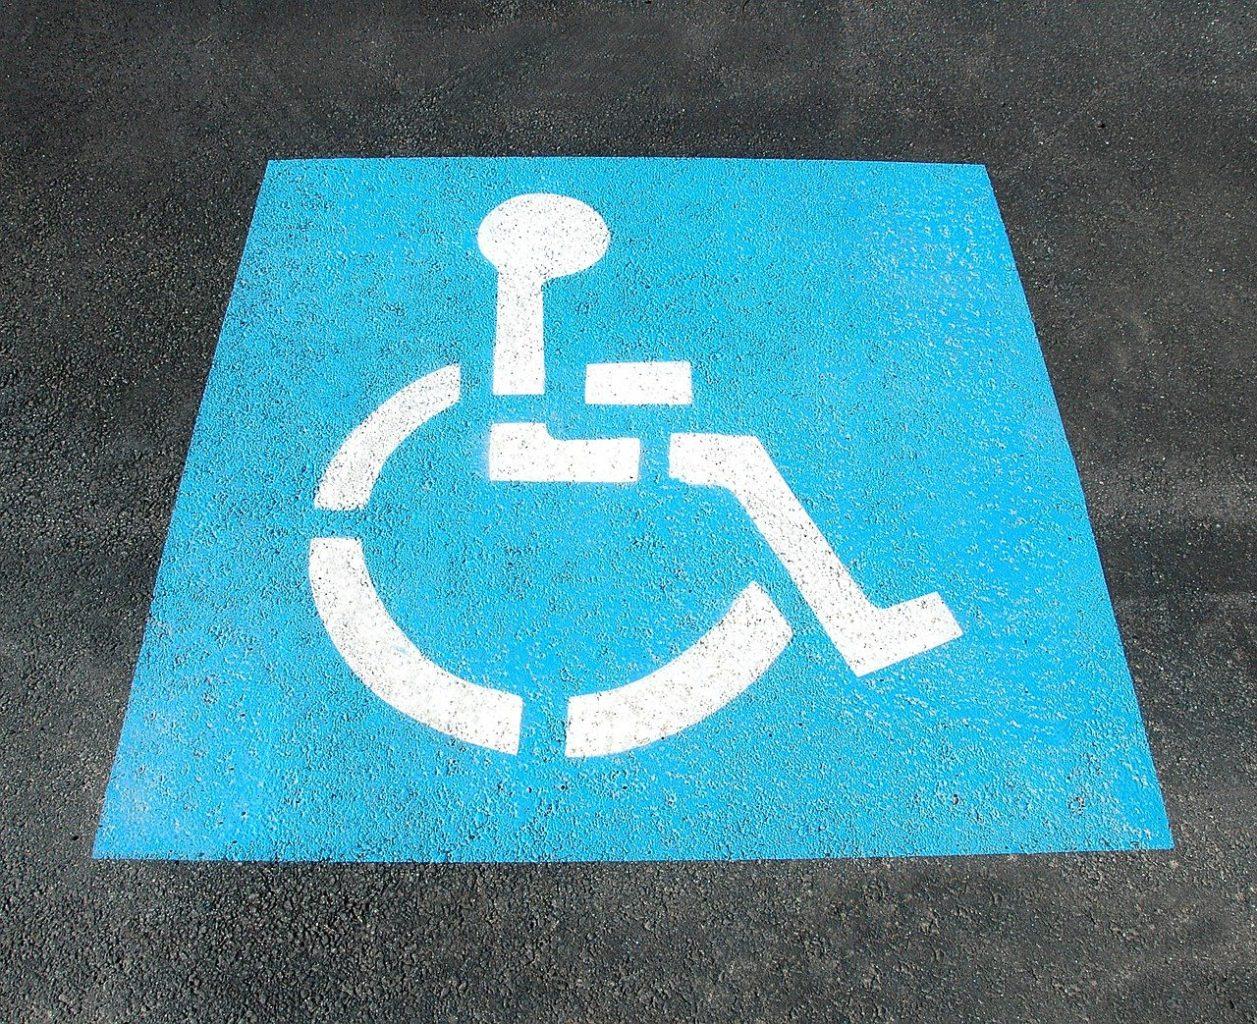 personnes handicapées seyssel mairie